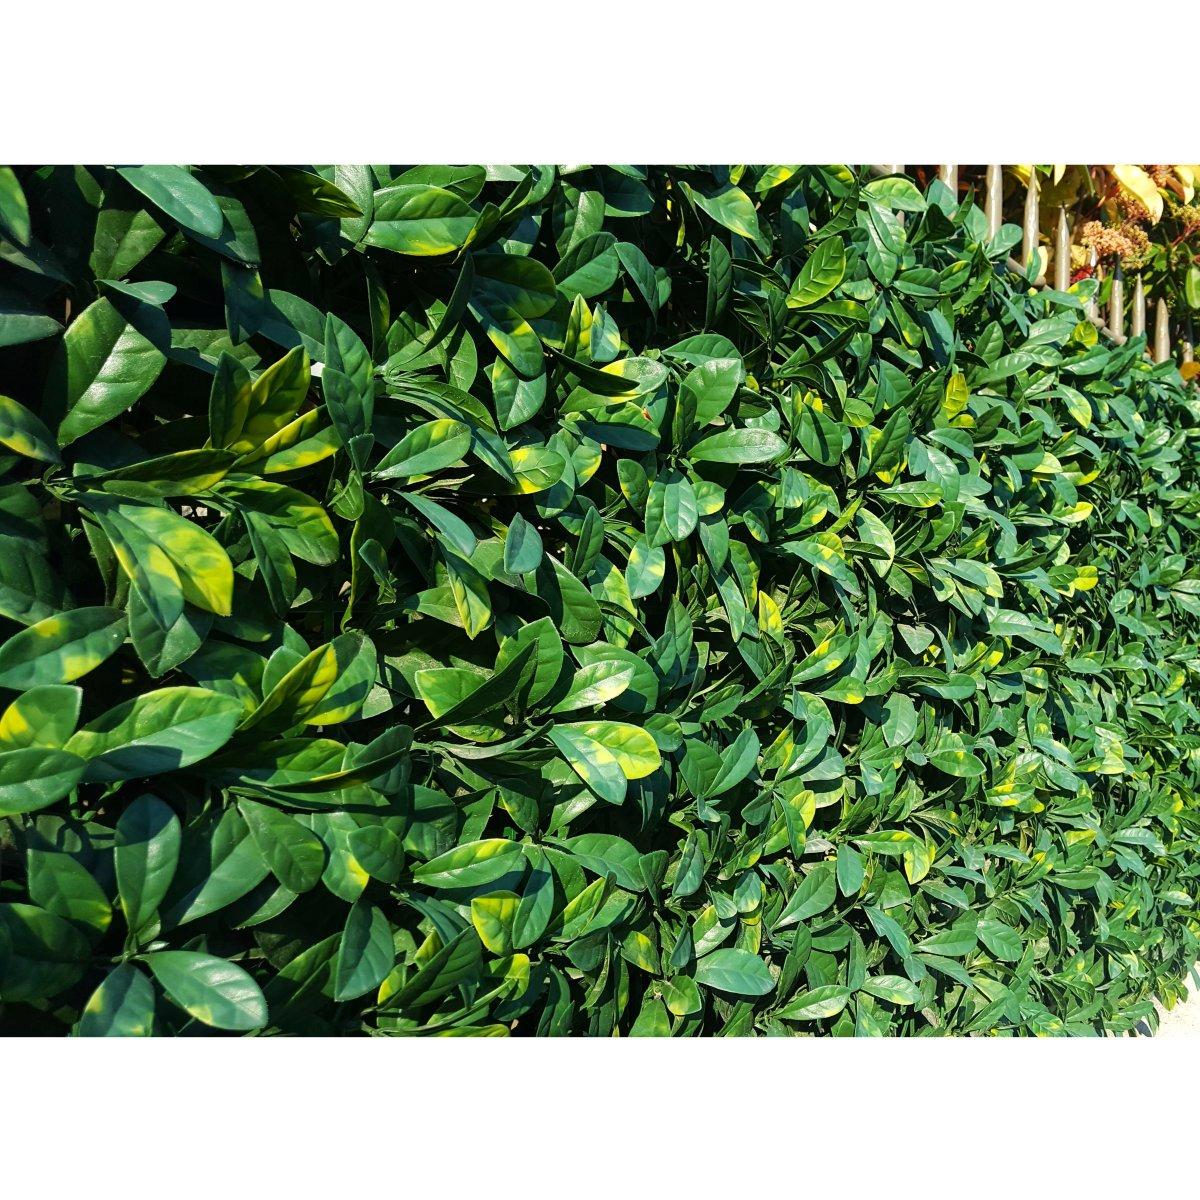 Amazon 4 Stück hochwertige künstliche Laurel Leaf Heckenschere